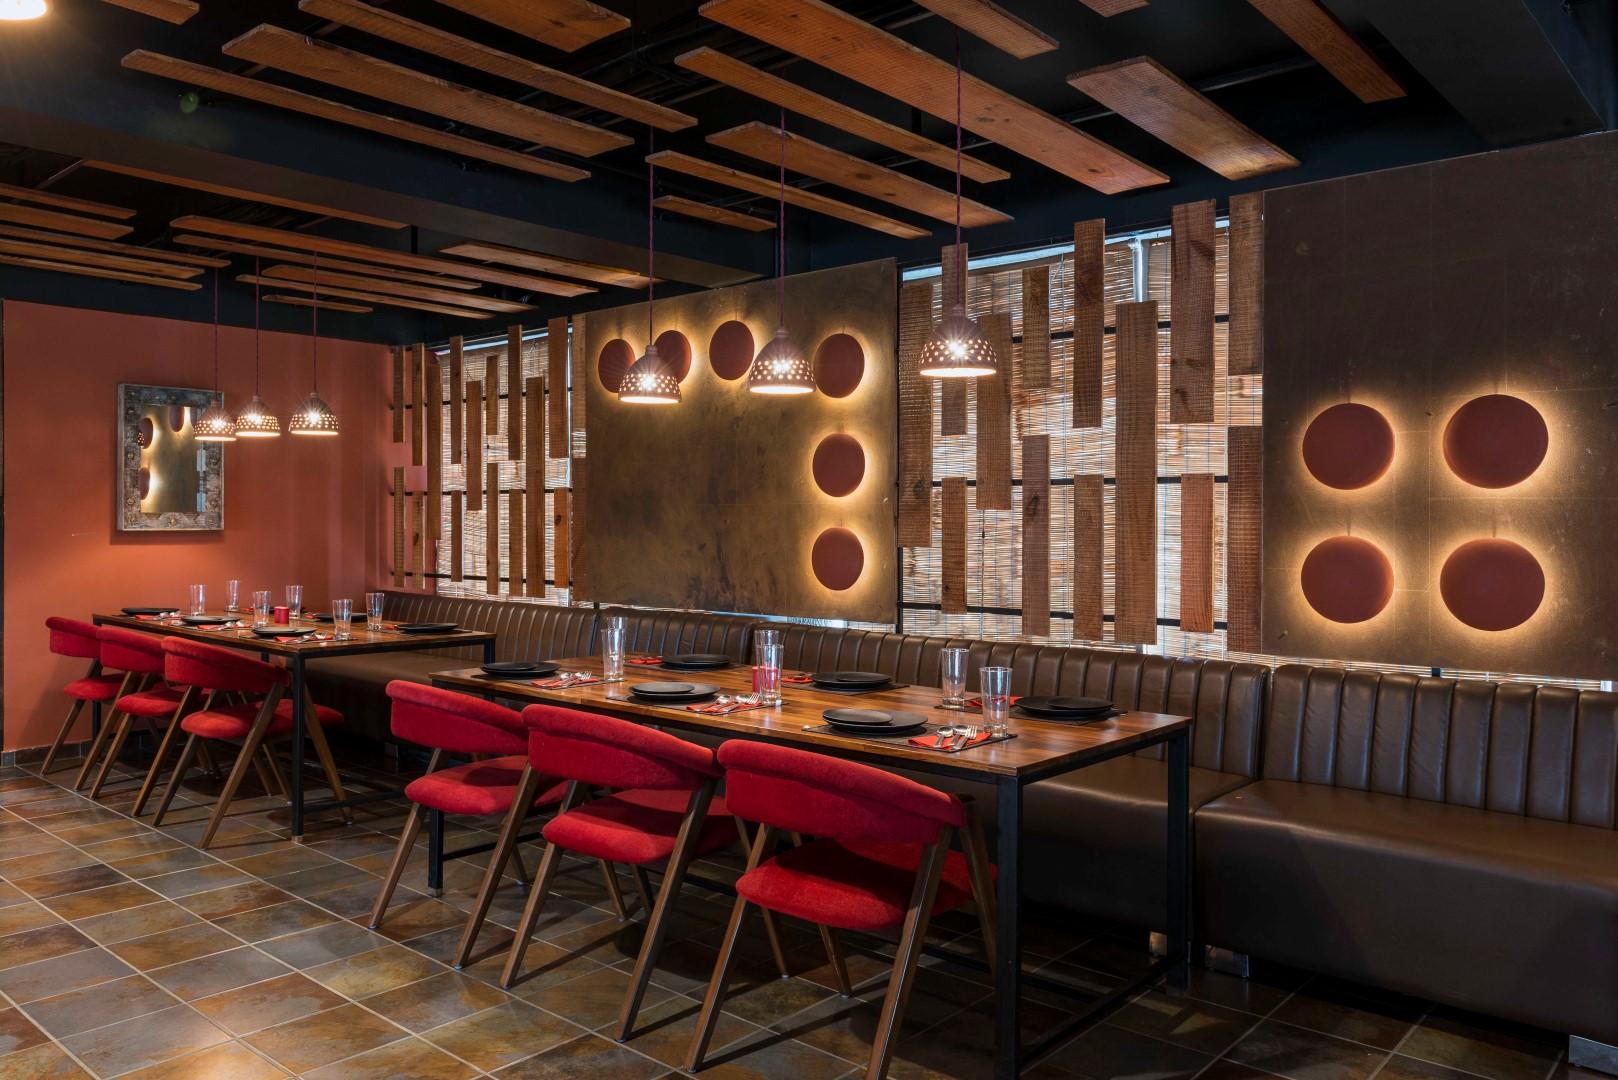 Best restaurant interior design in india the